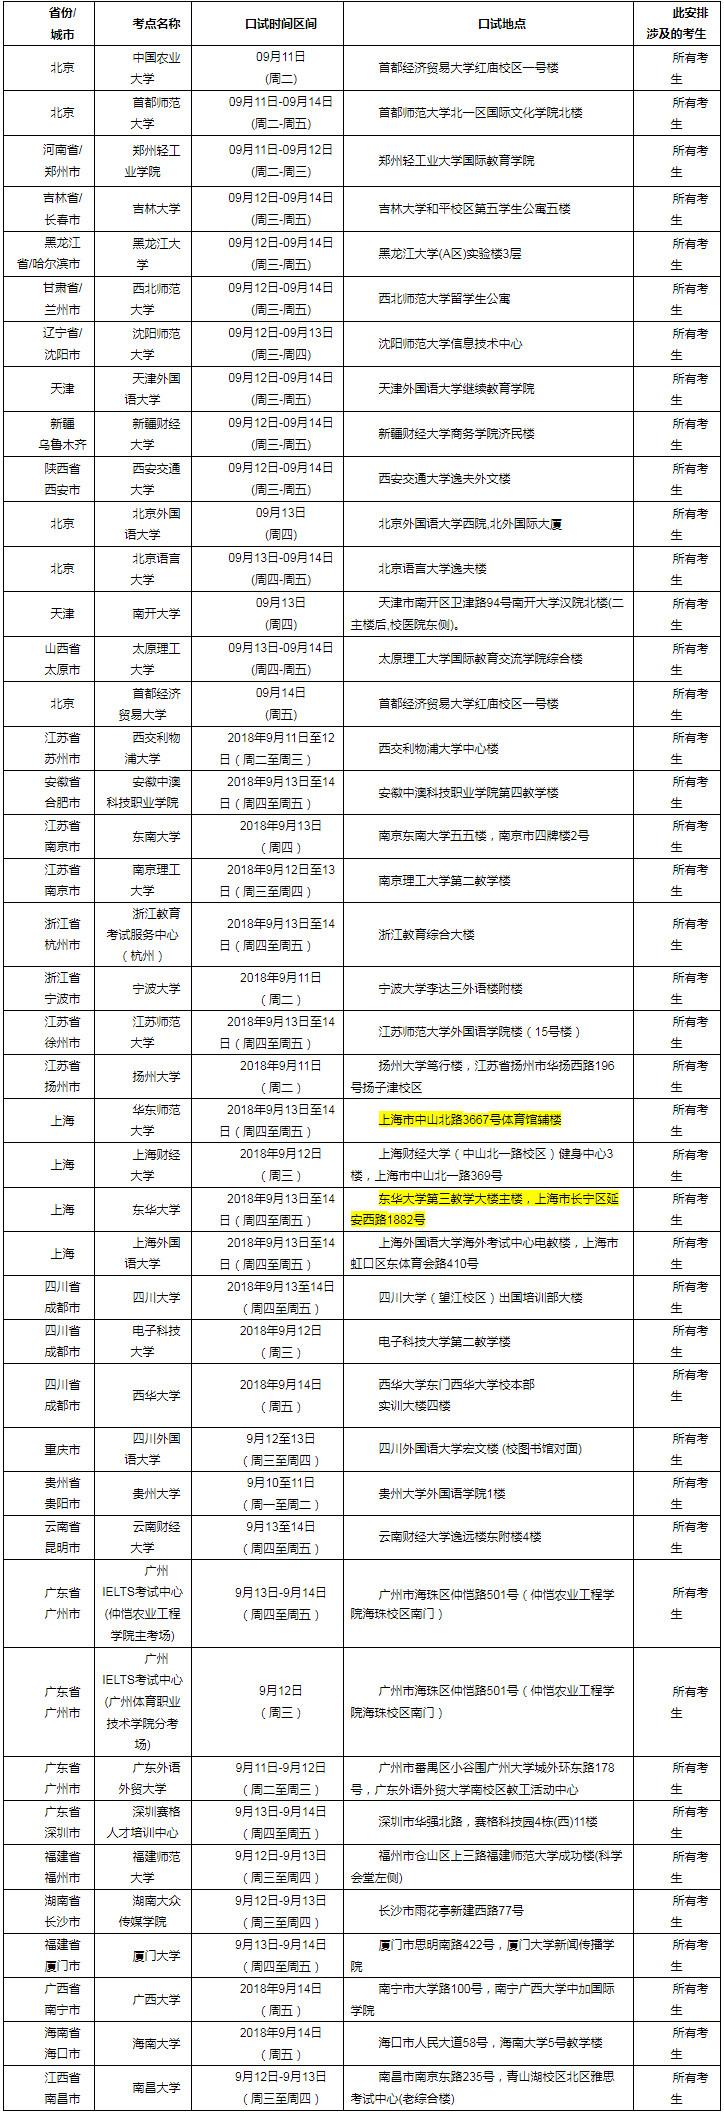 9月15日雅思口语考试安排